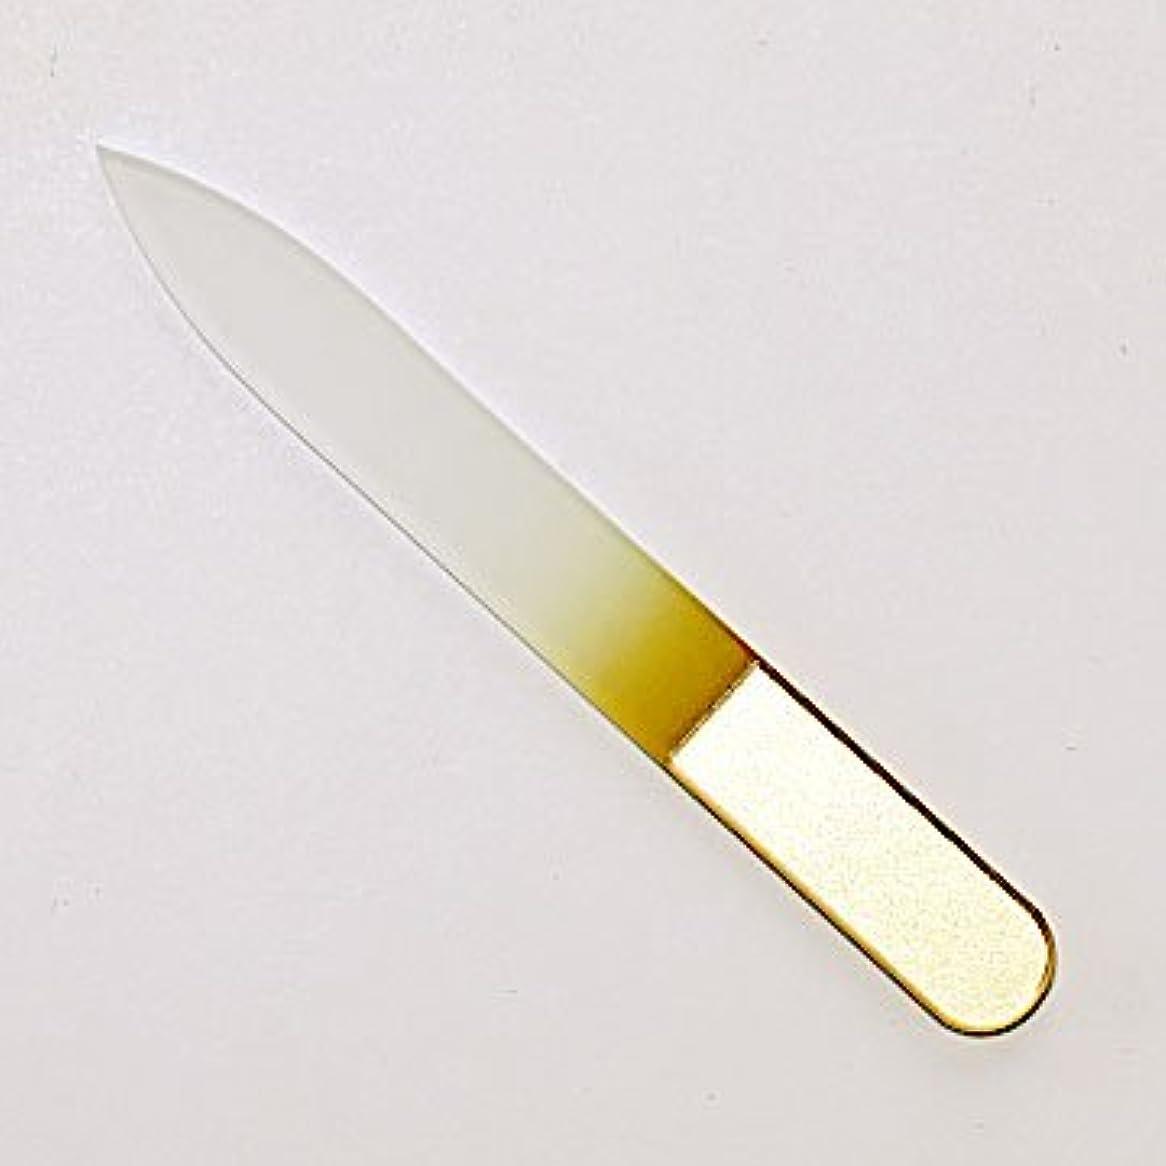 仲介者ボタン夕暮れチェコ製 AXiON(アクシオン)ガラス製爪ヤスリ(ゴールド)両面タイプ #slg009614fba